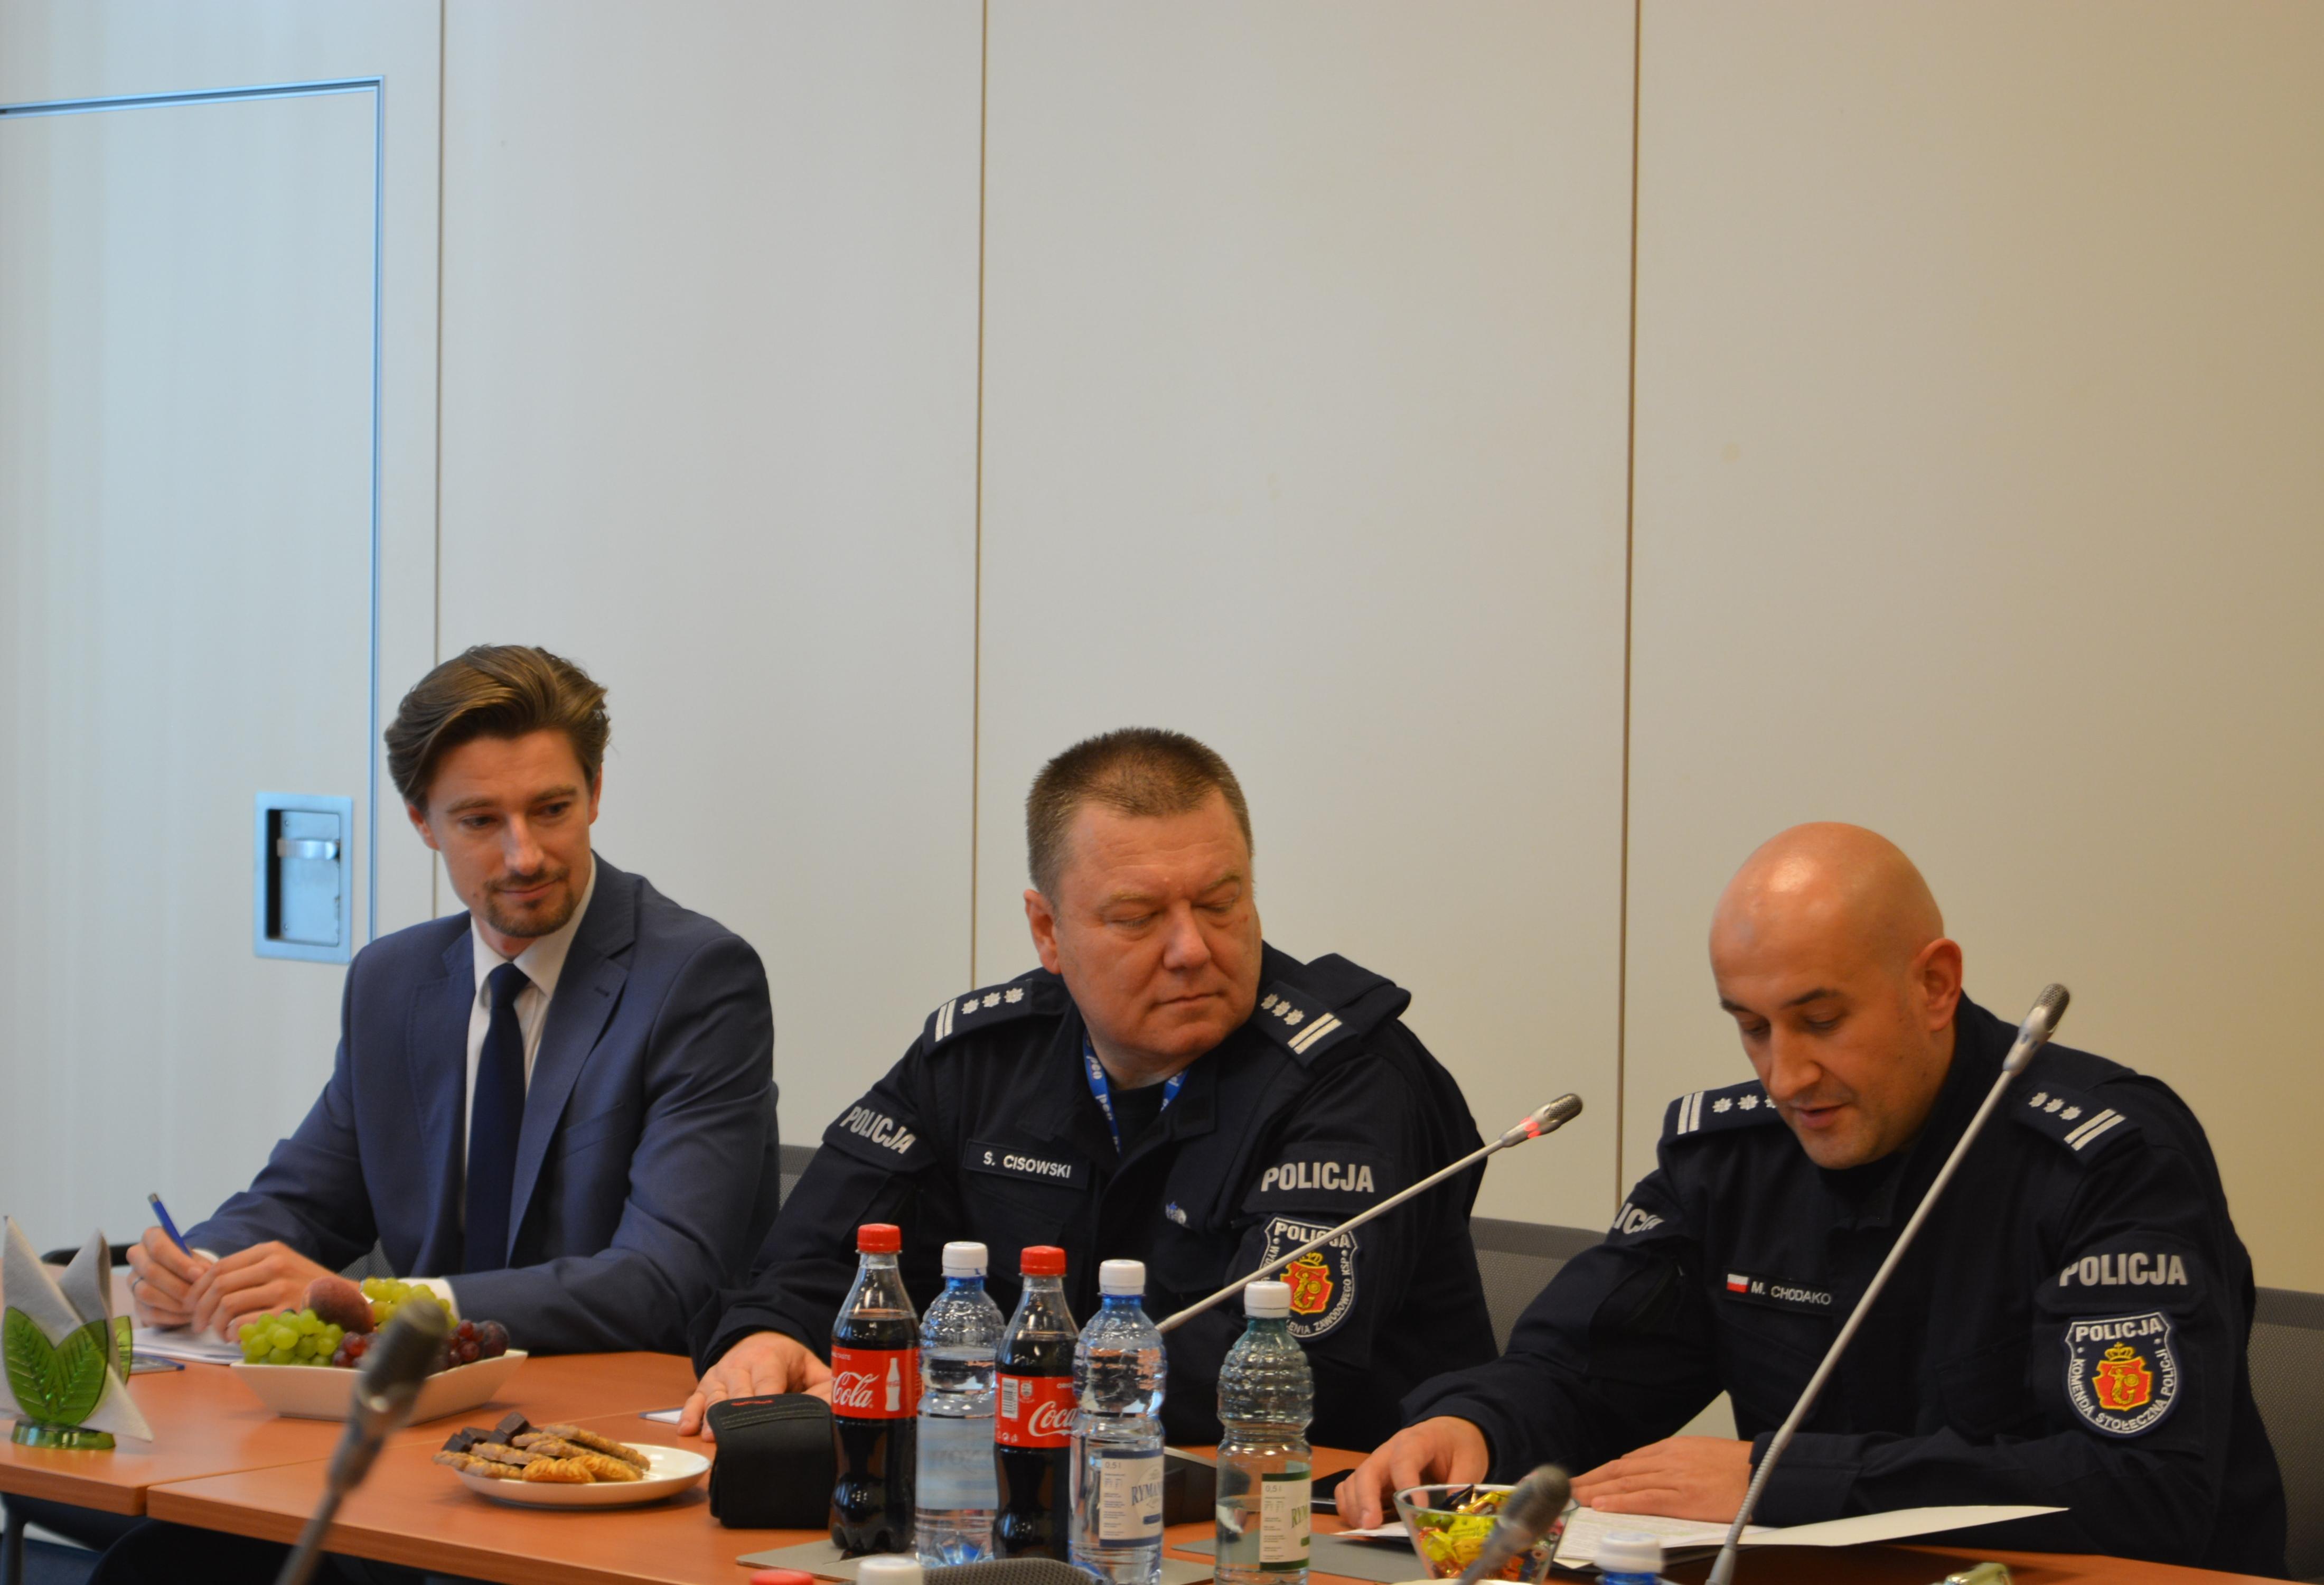 Wizyta przedstawicieli Policji